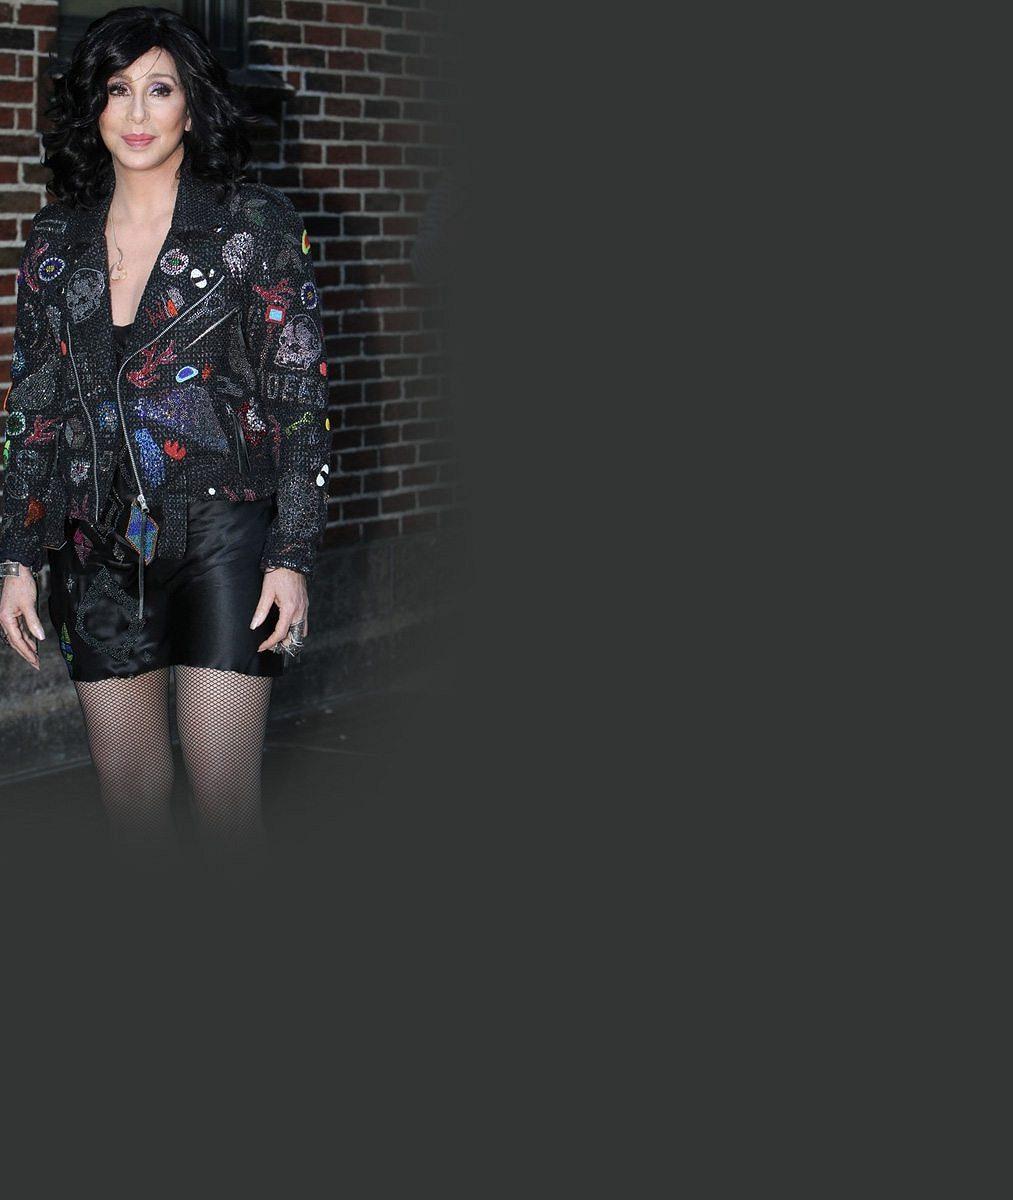 Cher zakonzervovala své ženské přednosti: Před sedmdesátkou ukázala dokonalá stehna v mini šatech